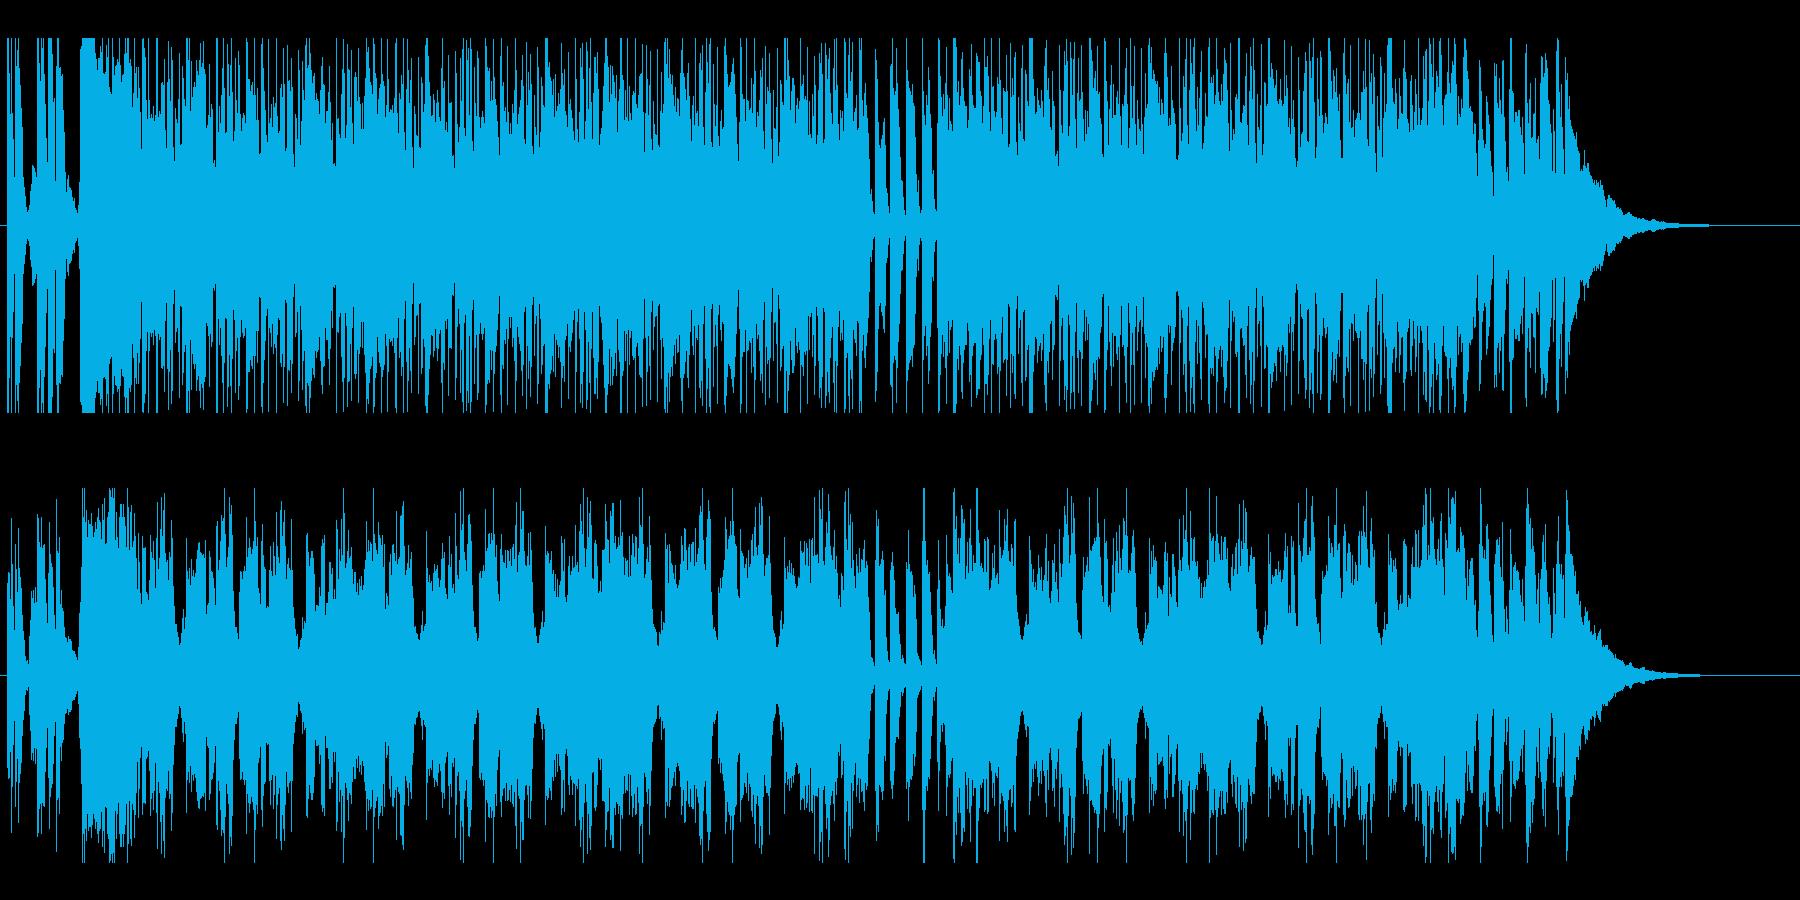 コミカルなファンク系バンドサウンドの再生済みの波形